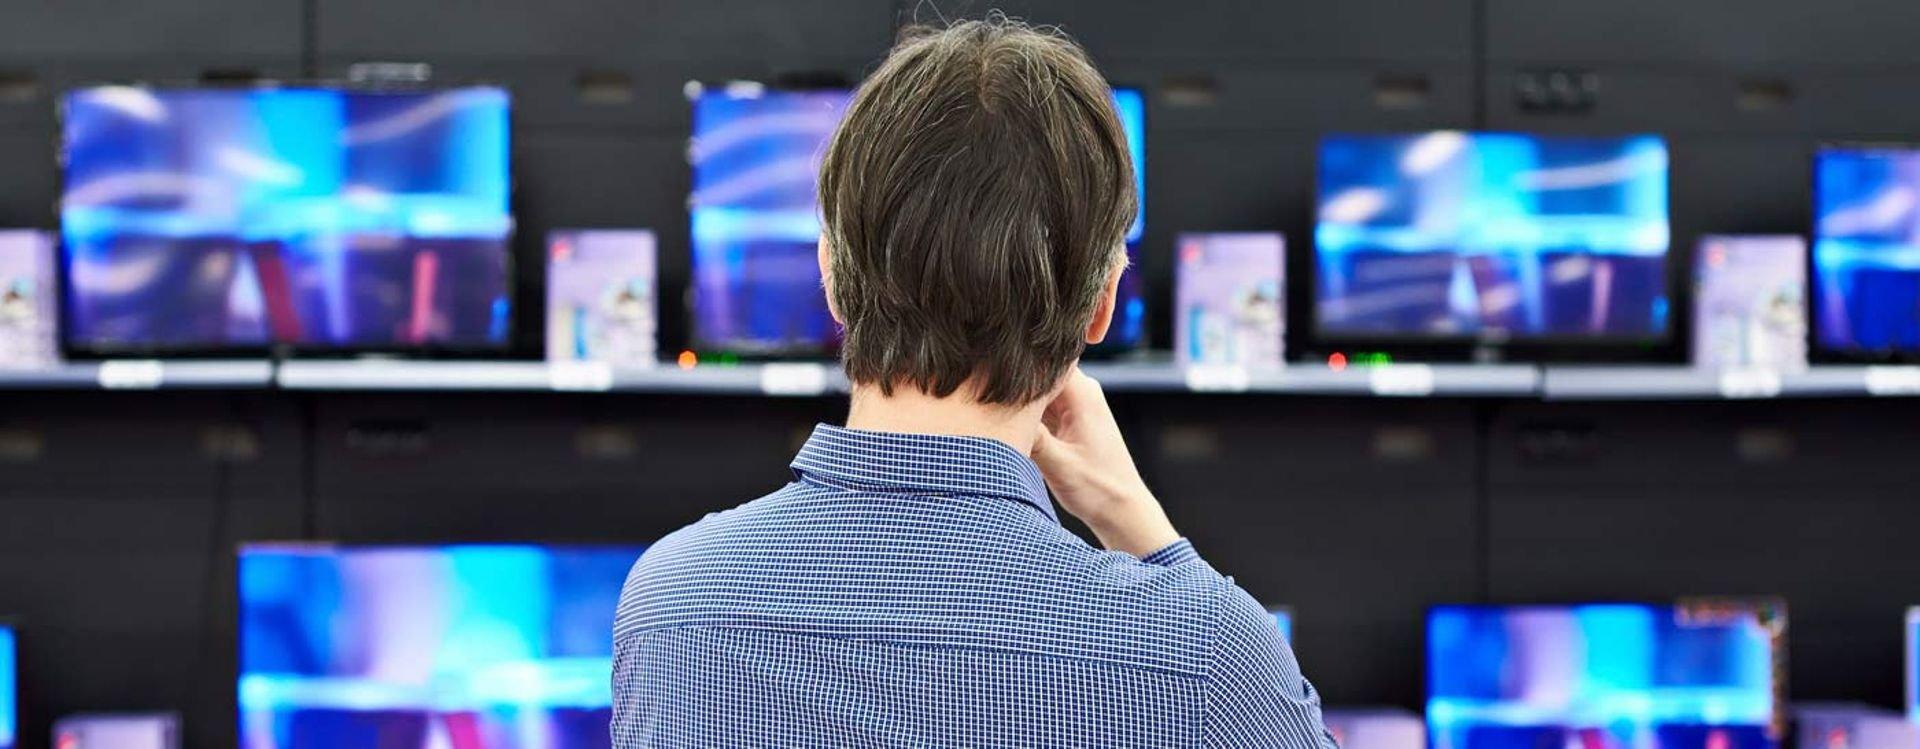 تعد دقة الشاشة أهم ما عليك فحصه عند توفر الرغبة بشراء تلفاز جديد.